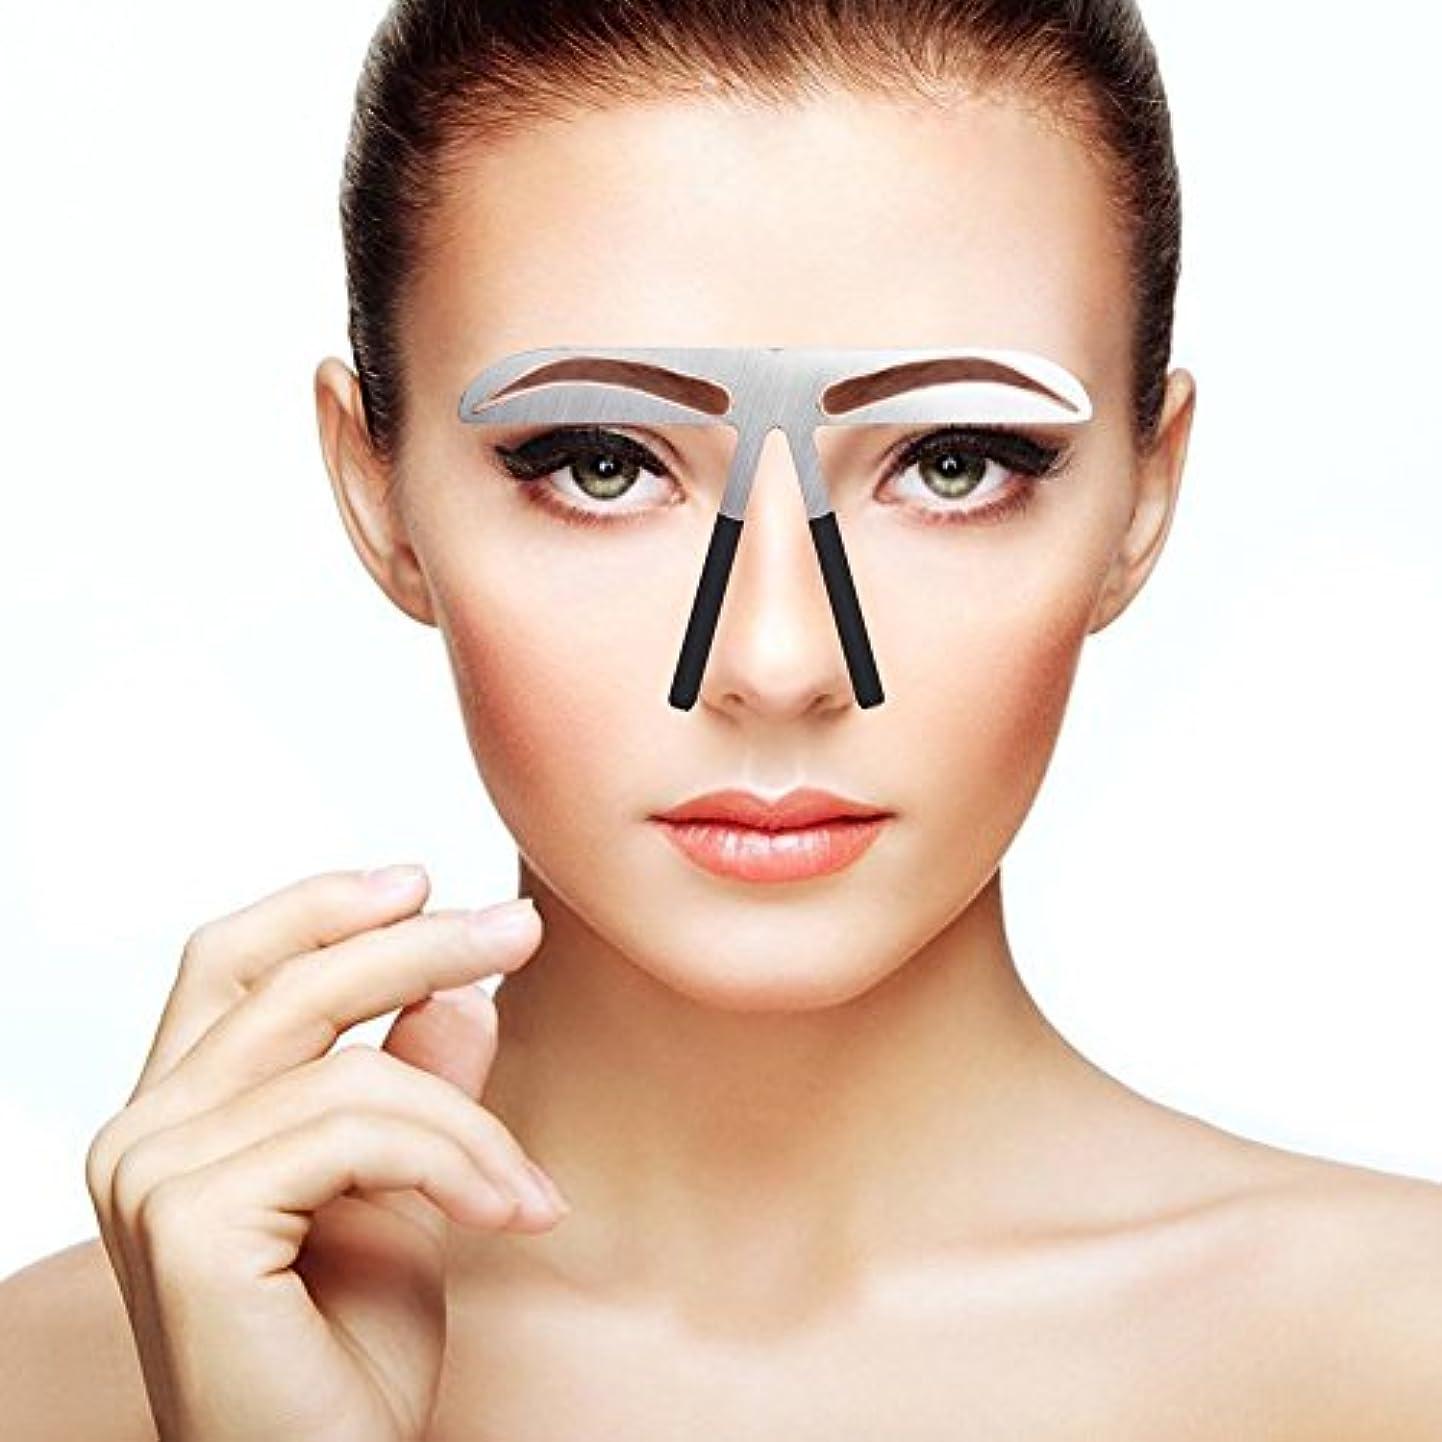 命令ラテン養う眉毛テンプレート 眉毛の定規 メイクアップ 美容ツール アイブローテンプレート アートメイク用定規 美容用 恒久化粧ツール 左右対称 位置決め (03)